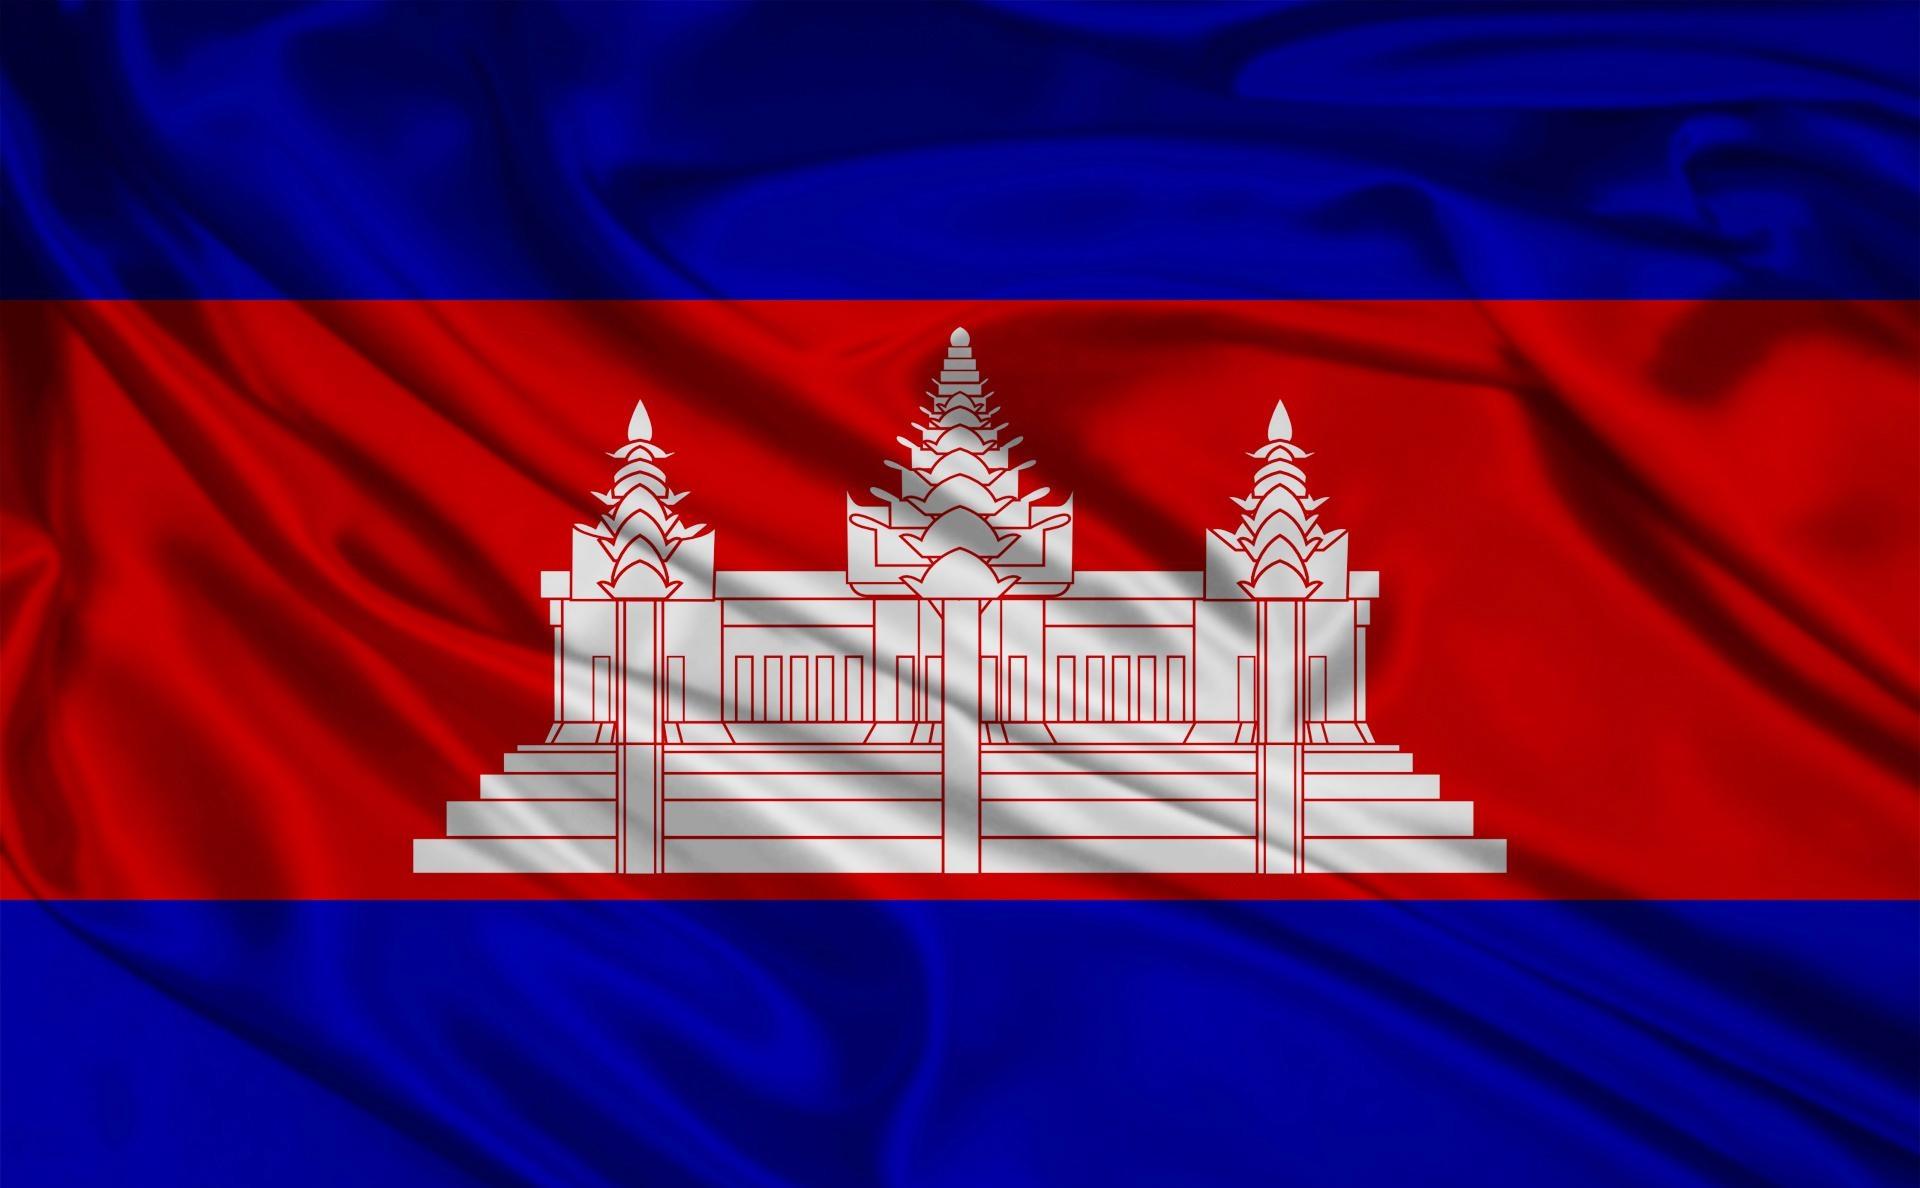 флаг камбоджа фото удалить